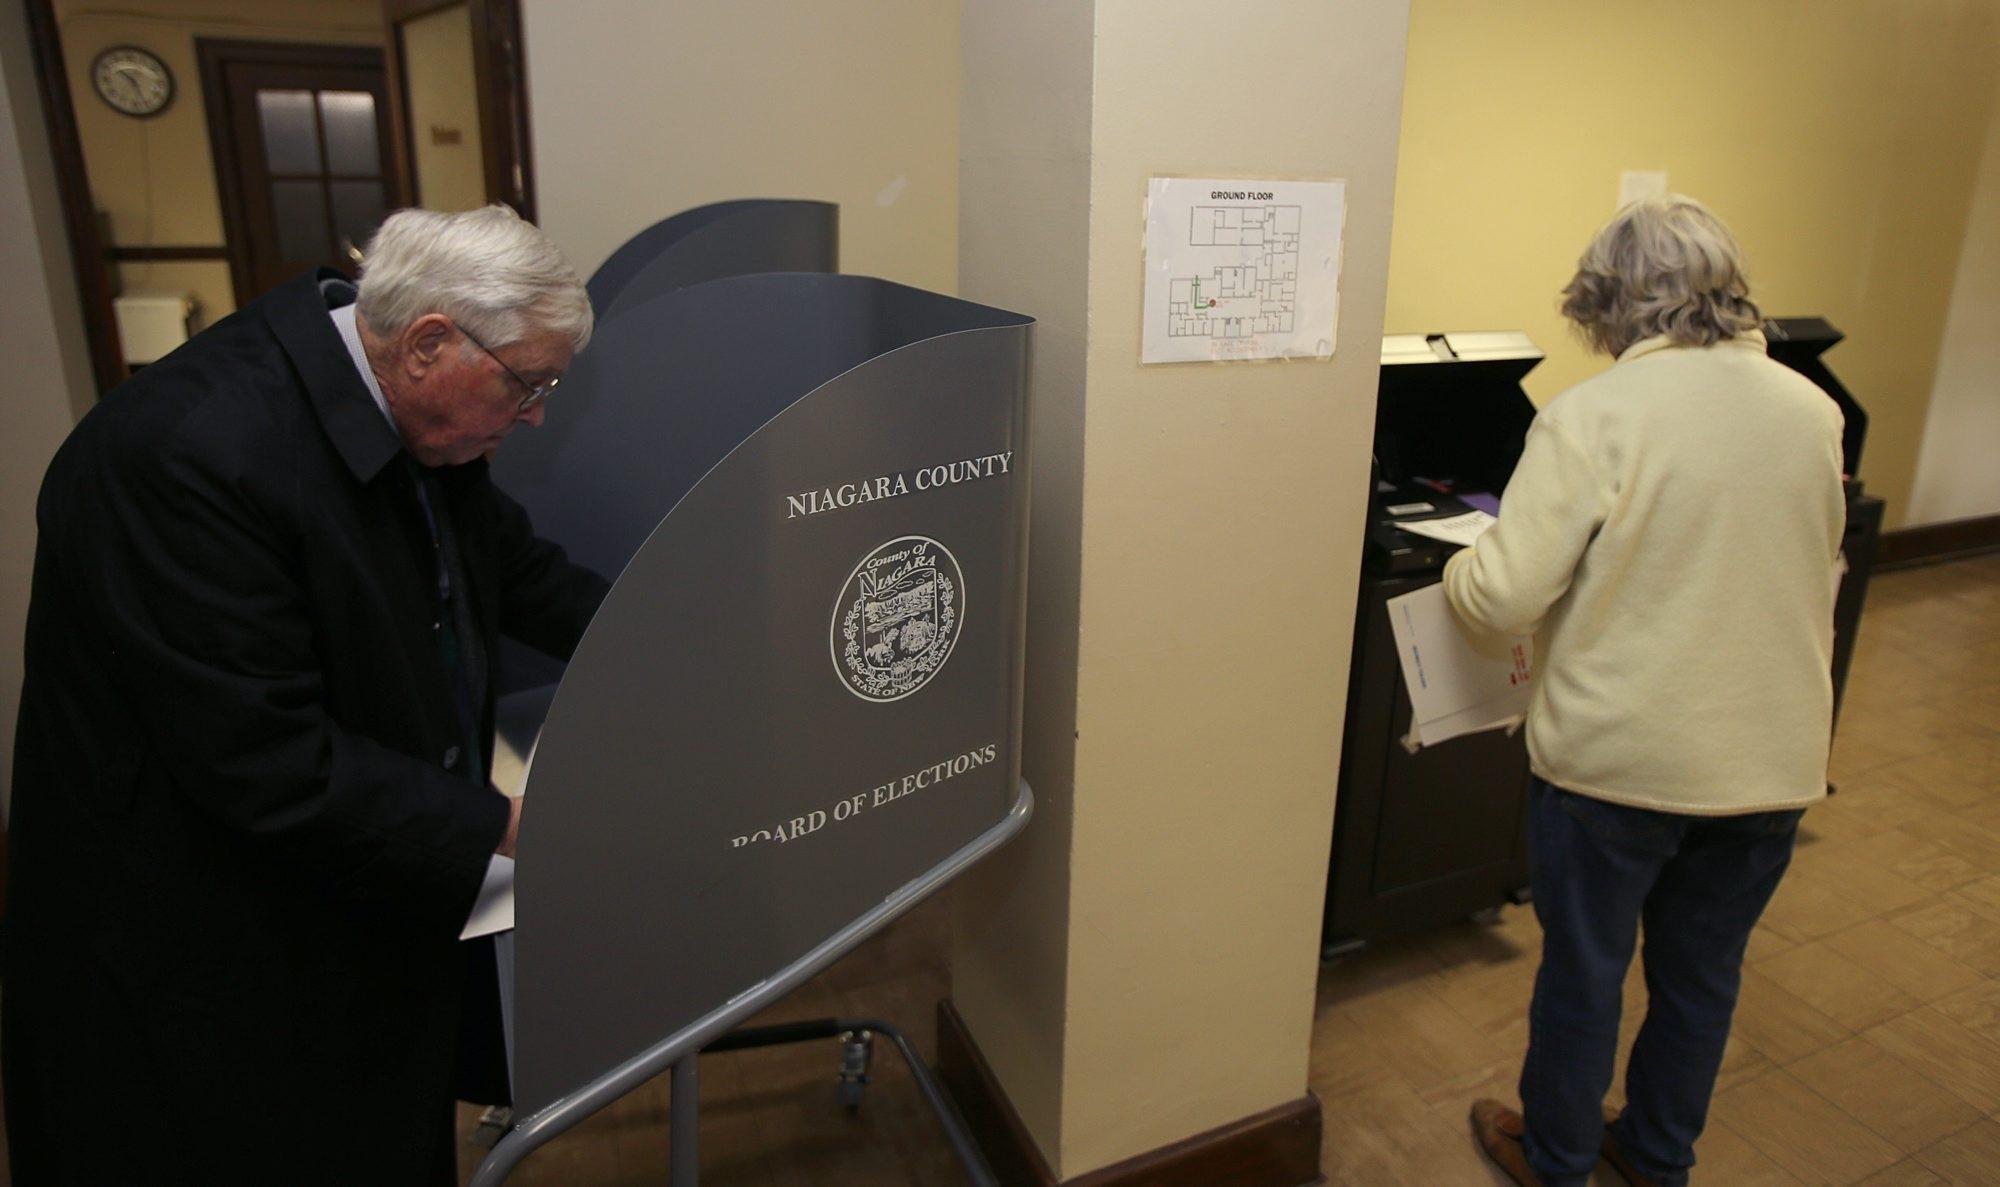 James Perry fills out his ballot at North Tonawanda City Hall, Tuesday, November 5, 2013.